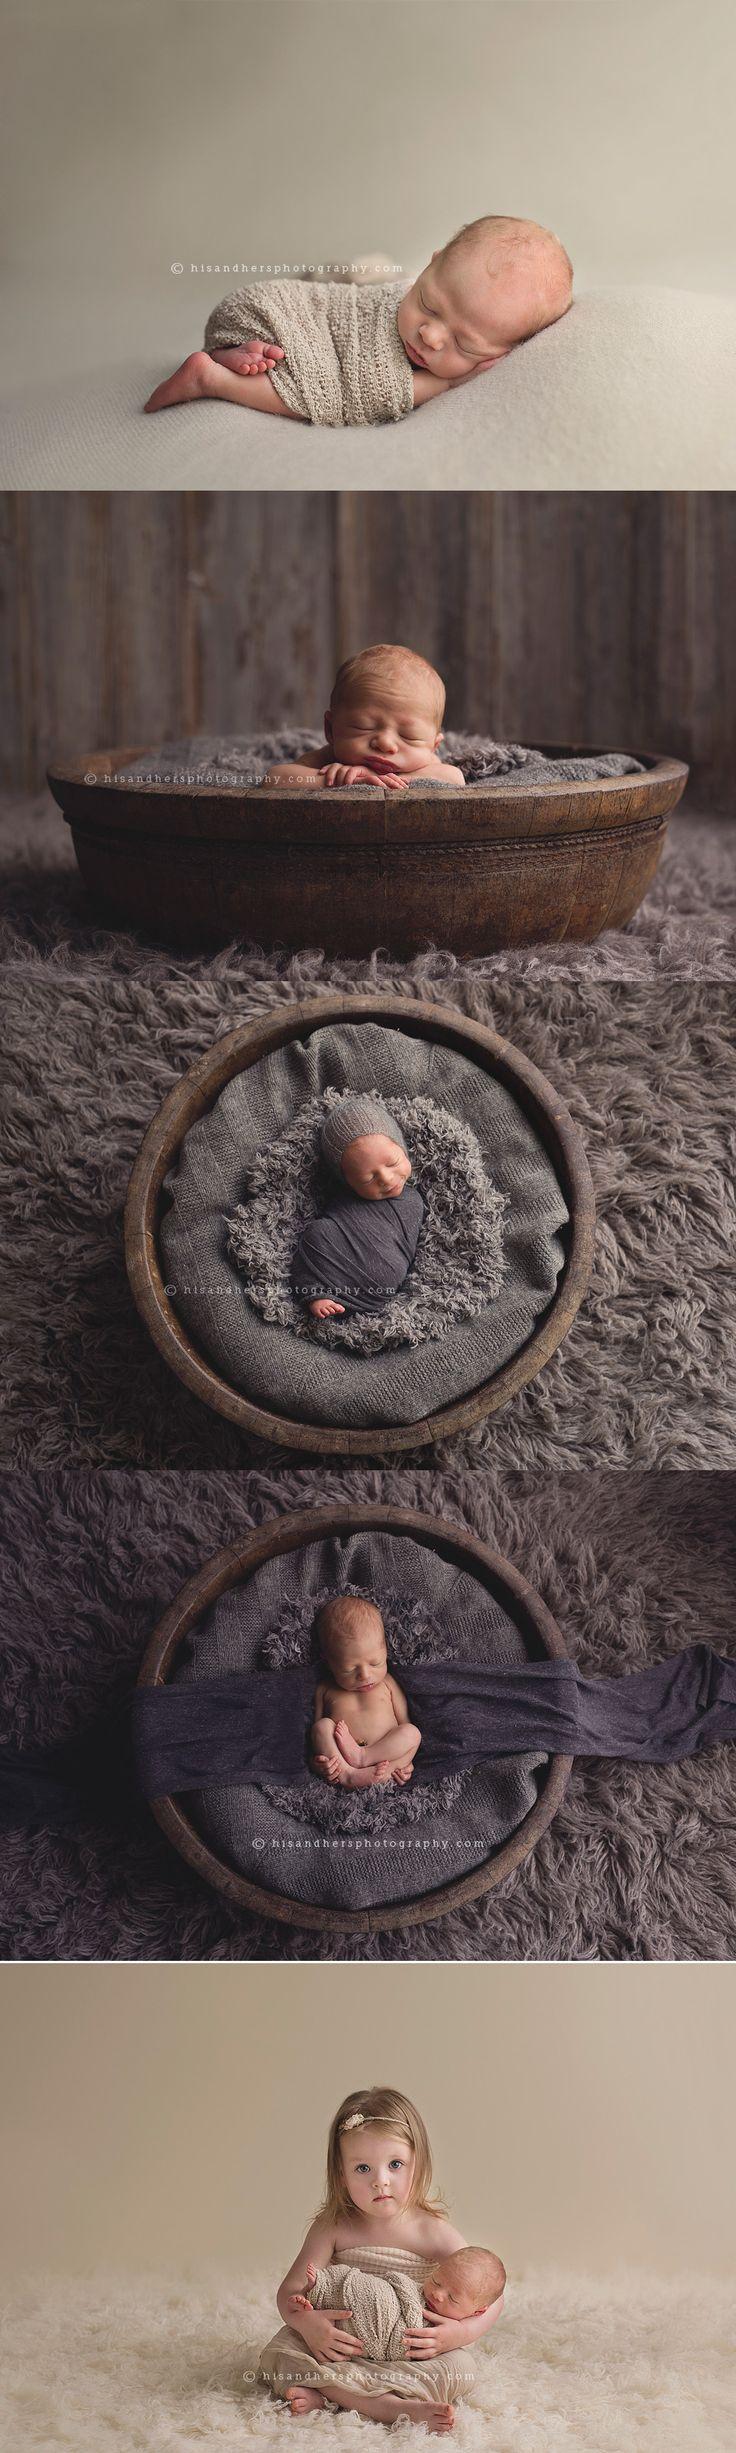 Des Moines, Iowa newborn photographer, Darcy Milder   His & Hers